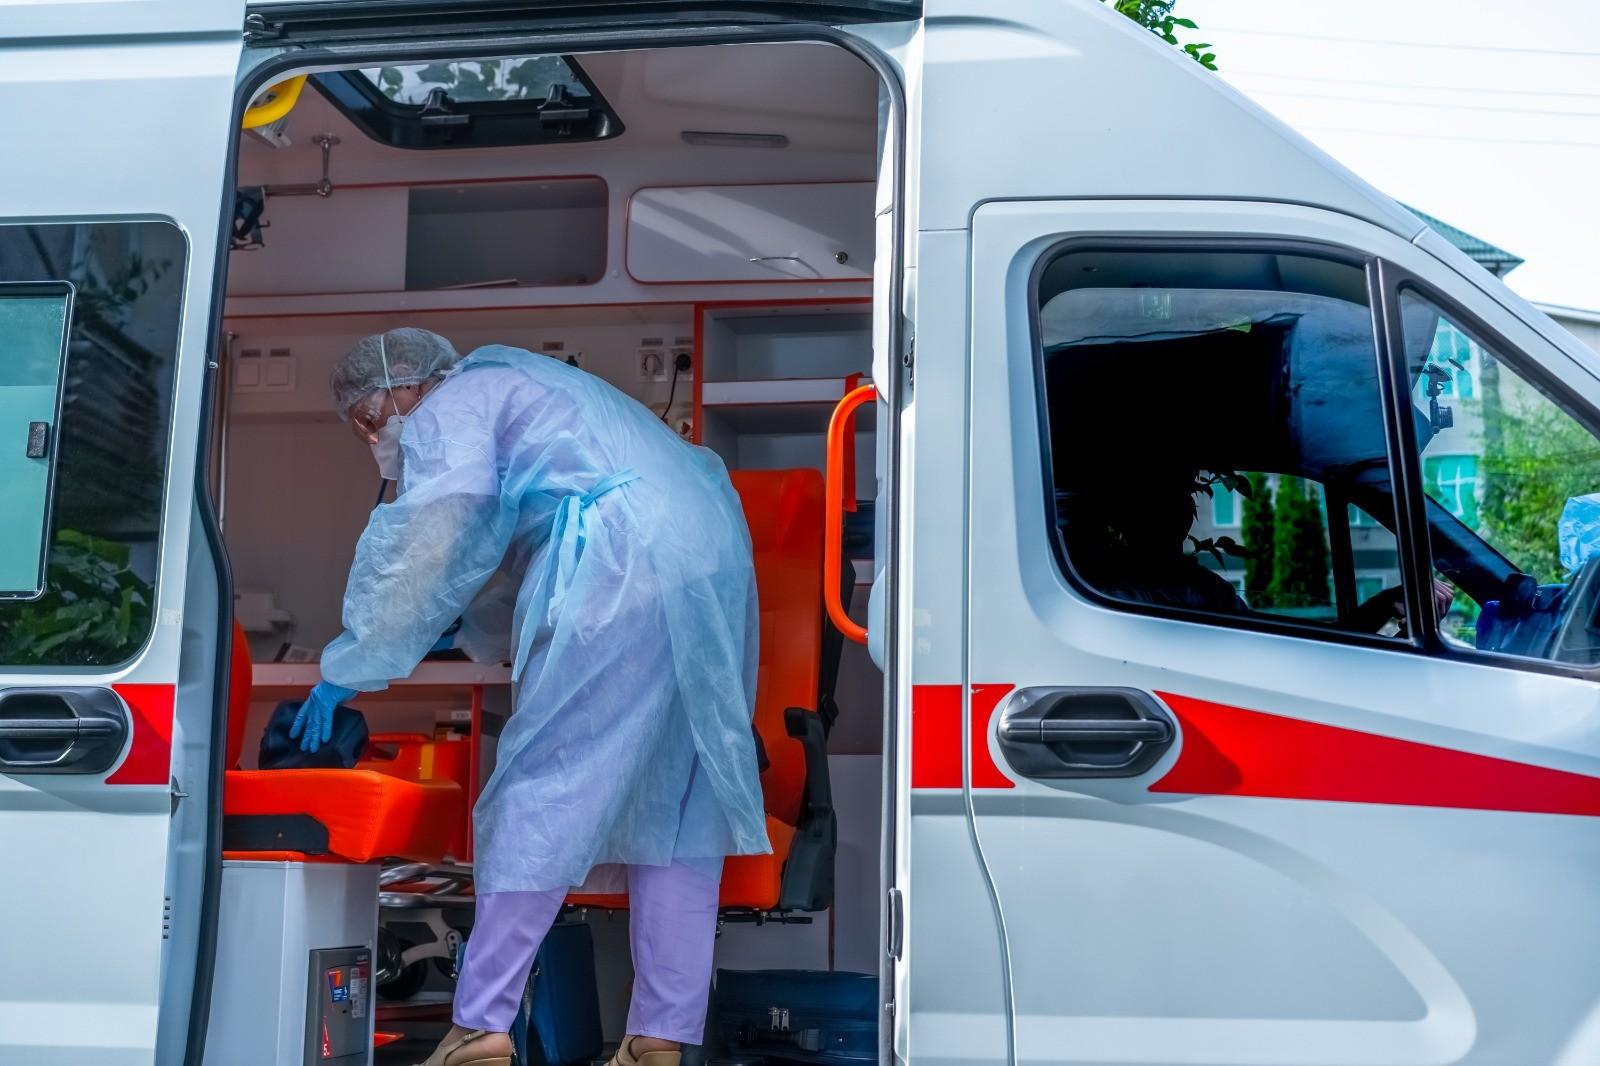 Hasta nakil özel ambulans sayesinde hastalar tedbir altında tutulmuş olur. İstenmeyen kötü bir tabloyla karşı karşıya kalınmadan en acil şekilde önlemlerinde alınması sağlanmaya çalışılır